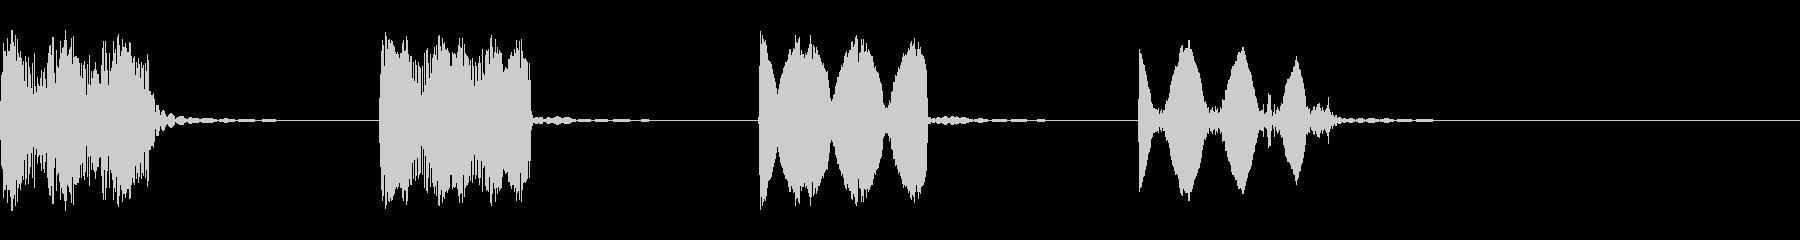 スパイシーなゲーム効果音,SE07-04の未再生の波形